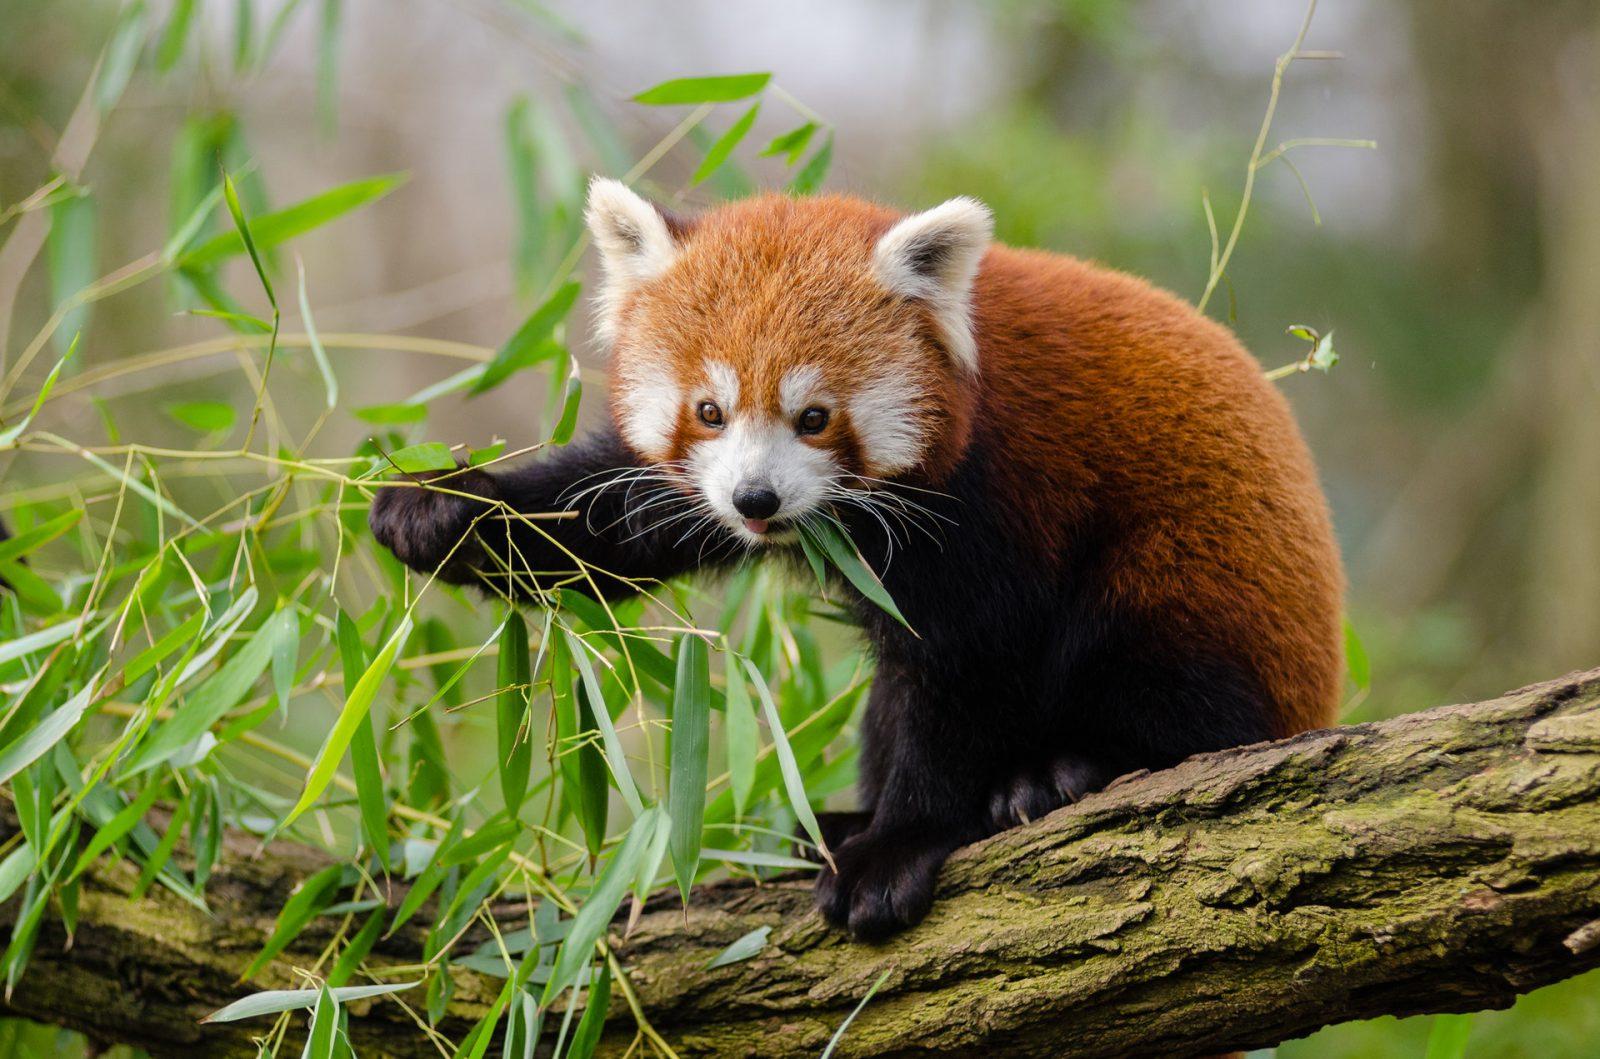 O panda vermelho é um pouco maior que um gato.